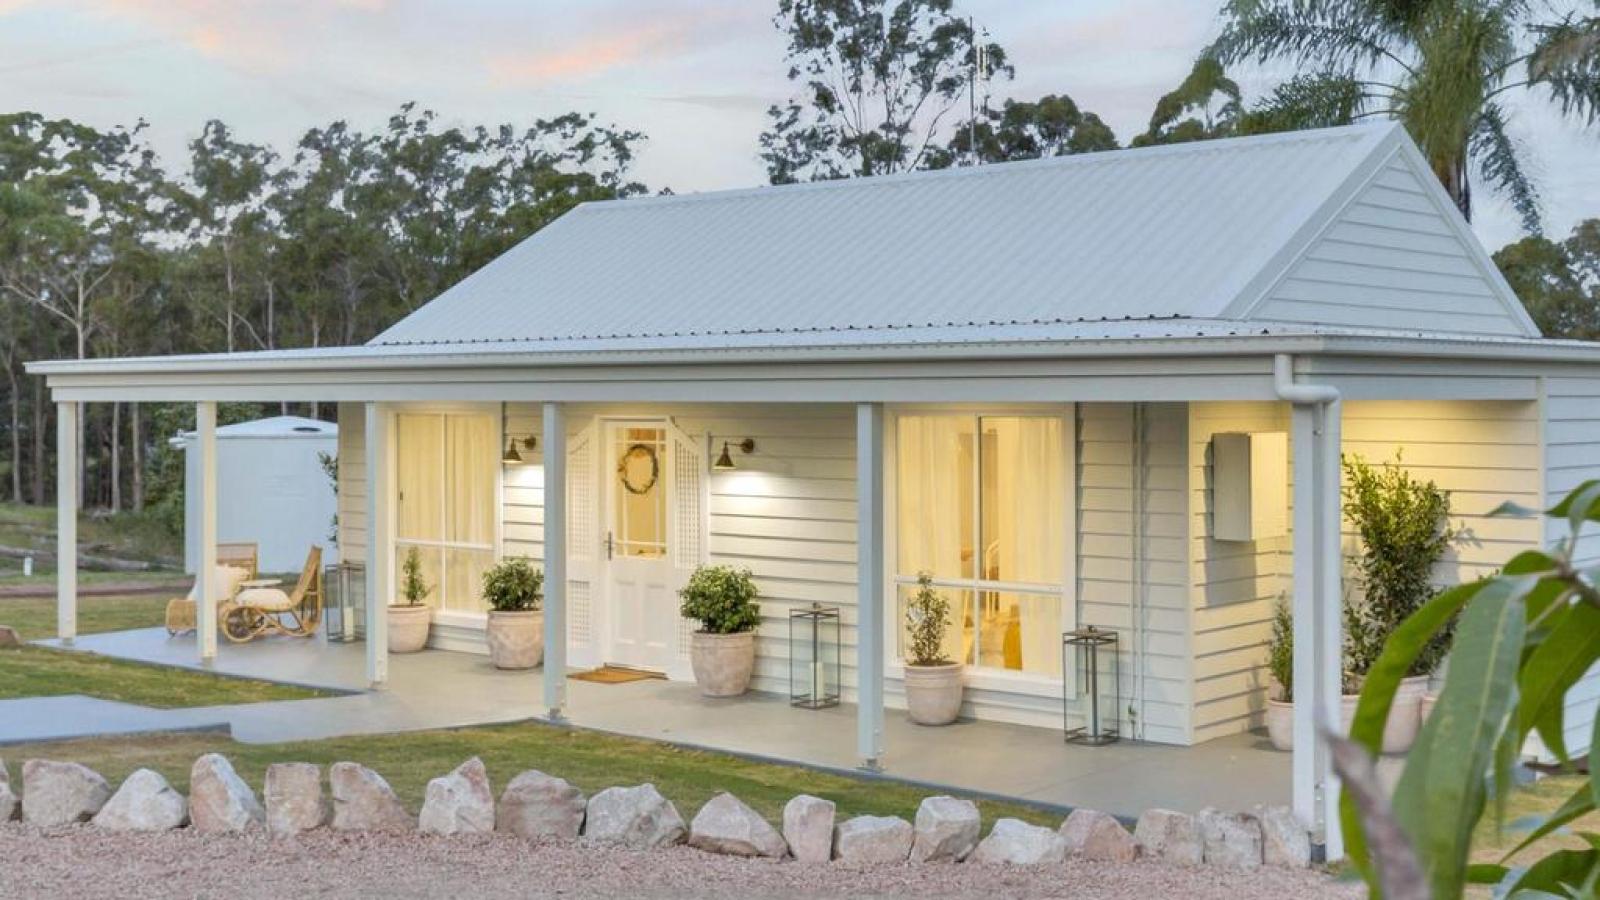 Cải tạo nhà kho lụp xụp thành ngôi nhà gỗ đáng mơ ước